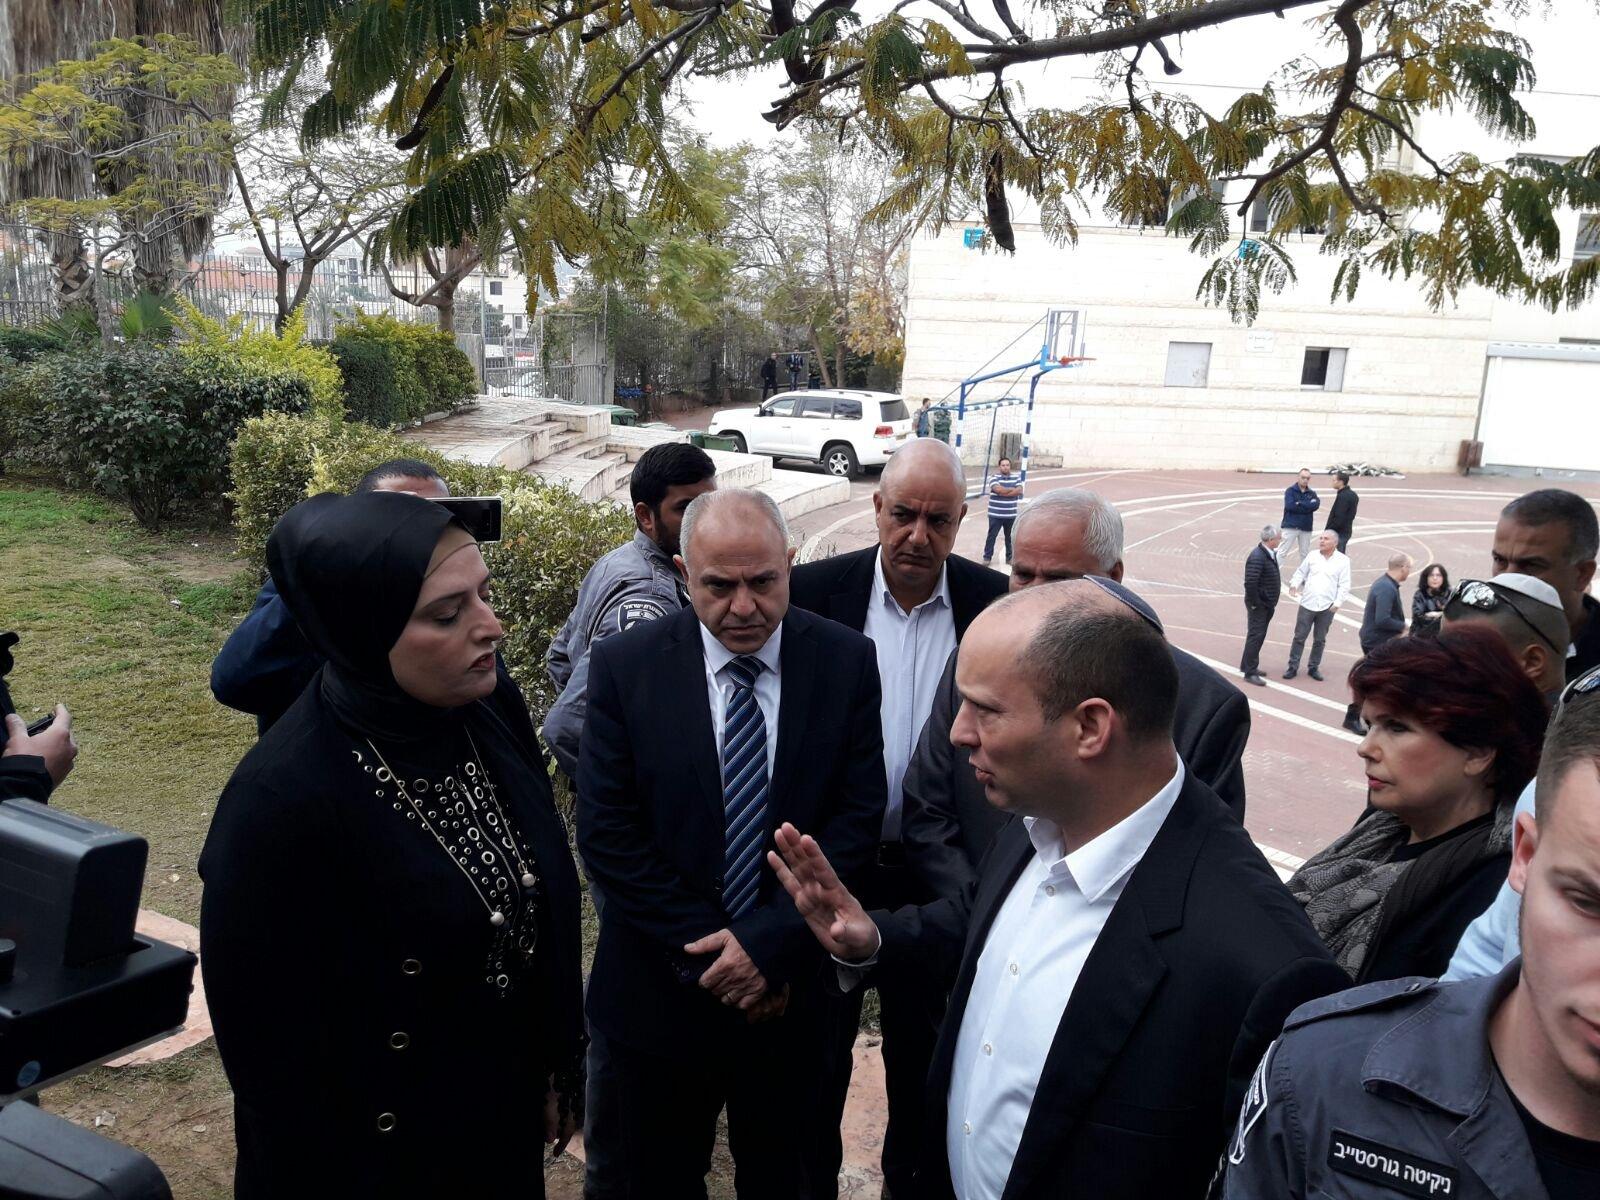 الوزير بينت في زيارة تفقدية لمدرسة جلجولية بعد جريمة العنف التي حصلت بالامس